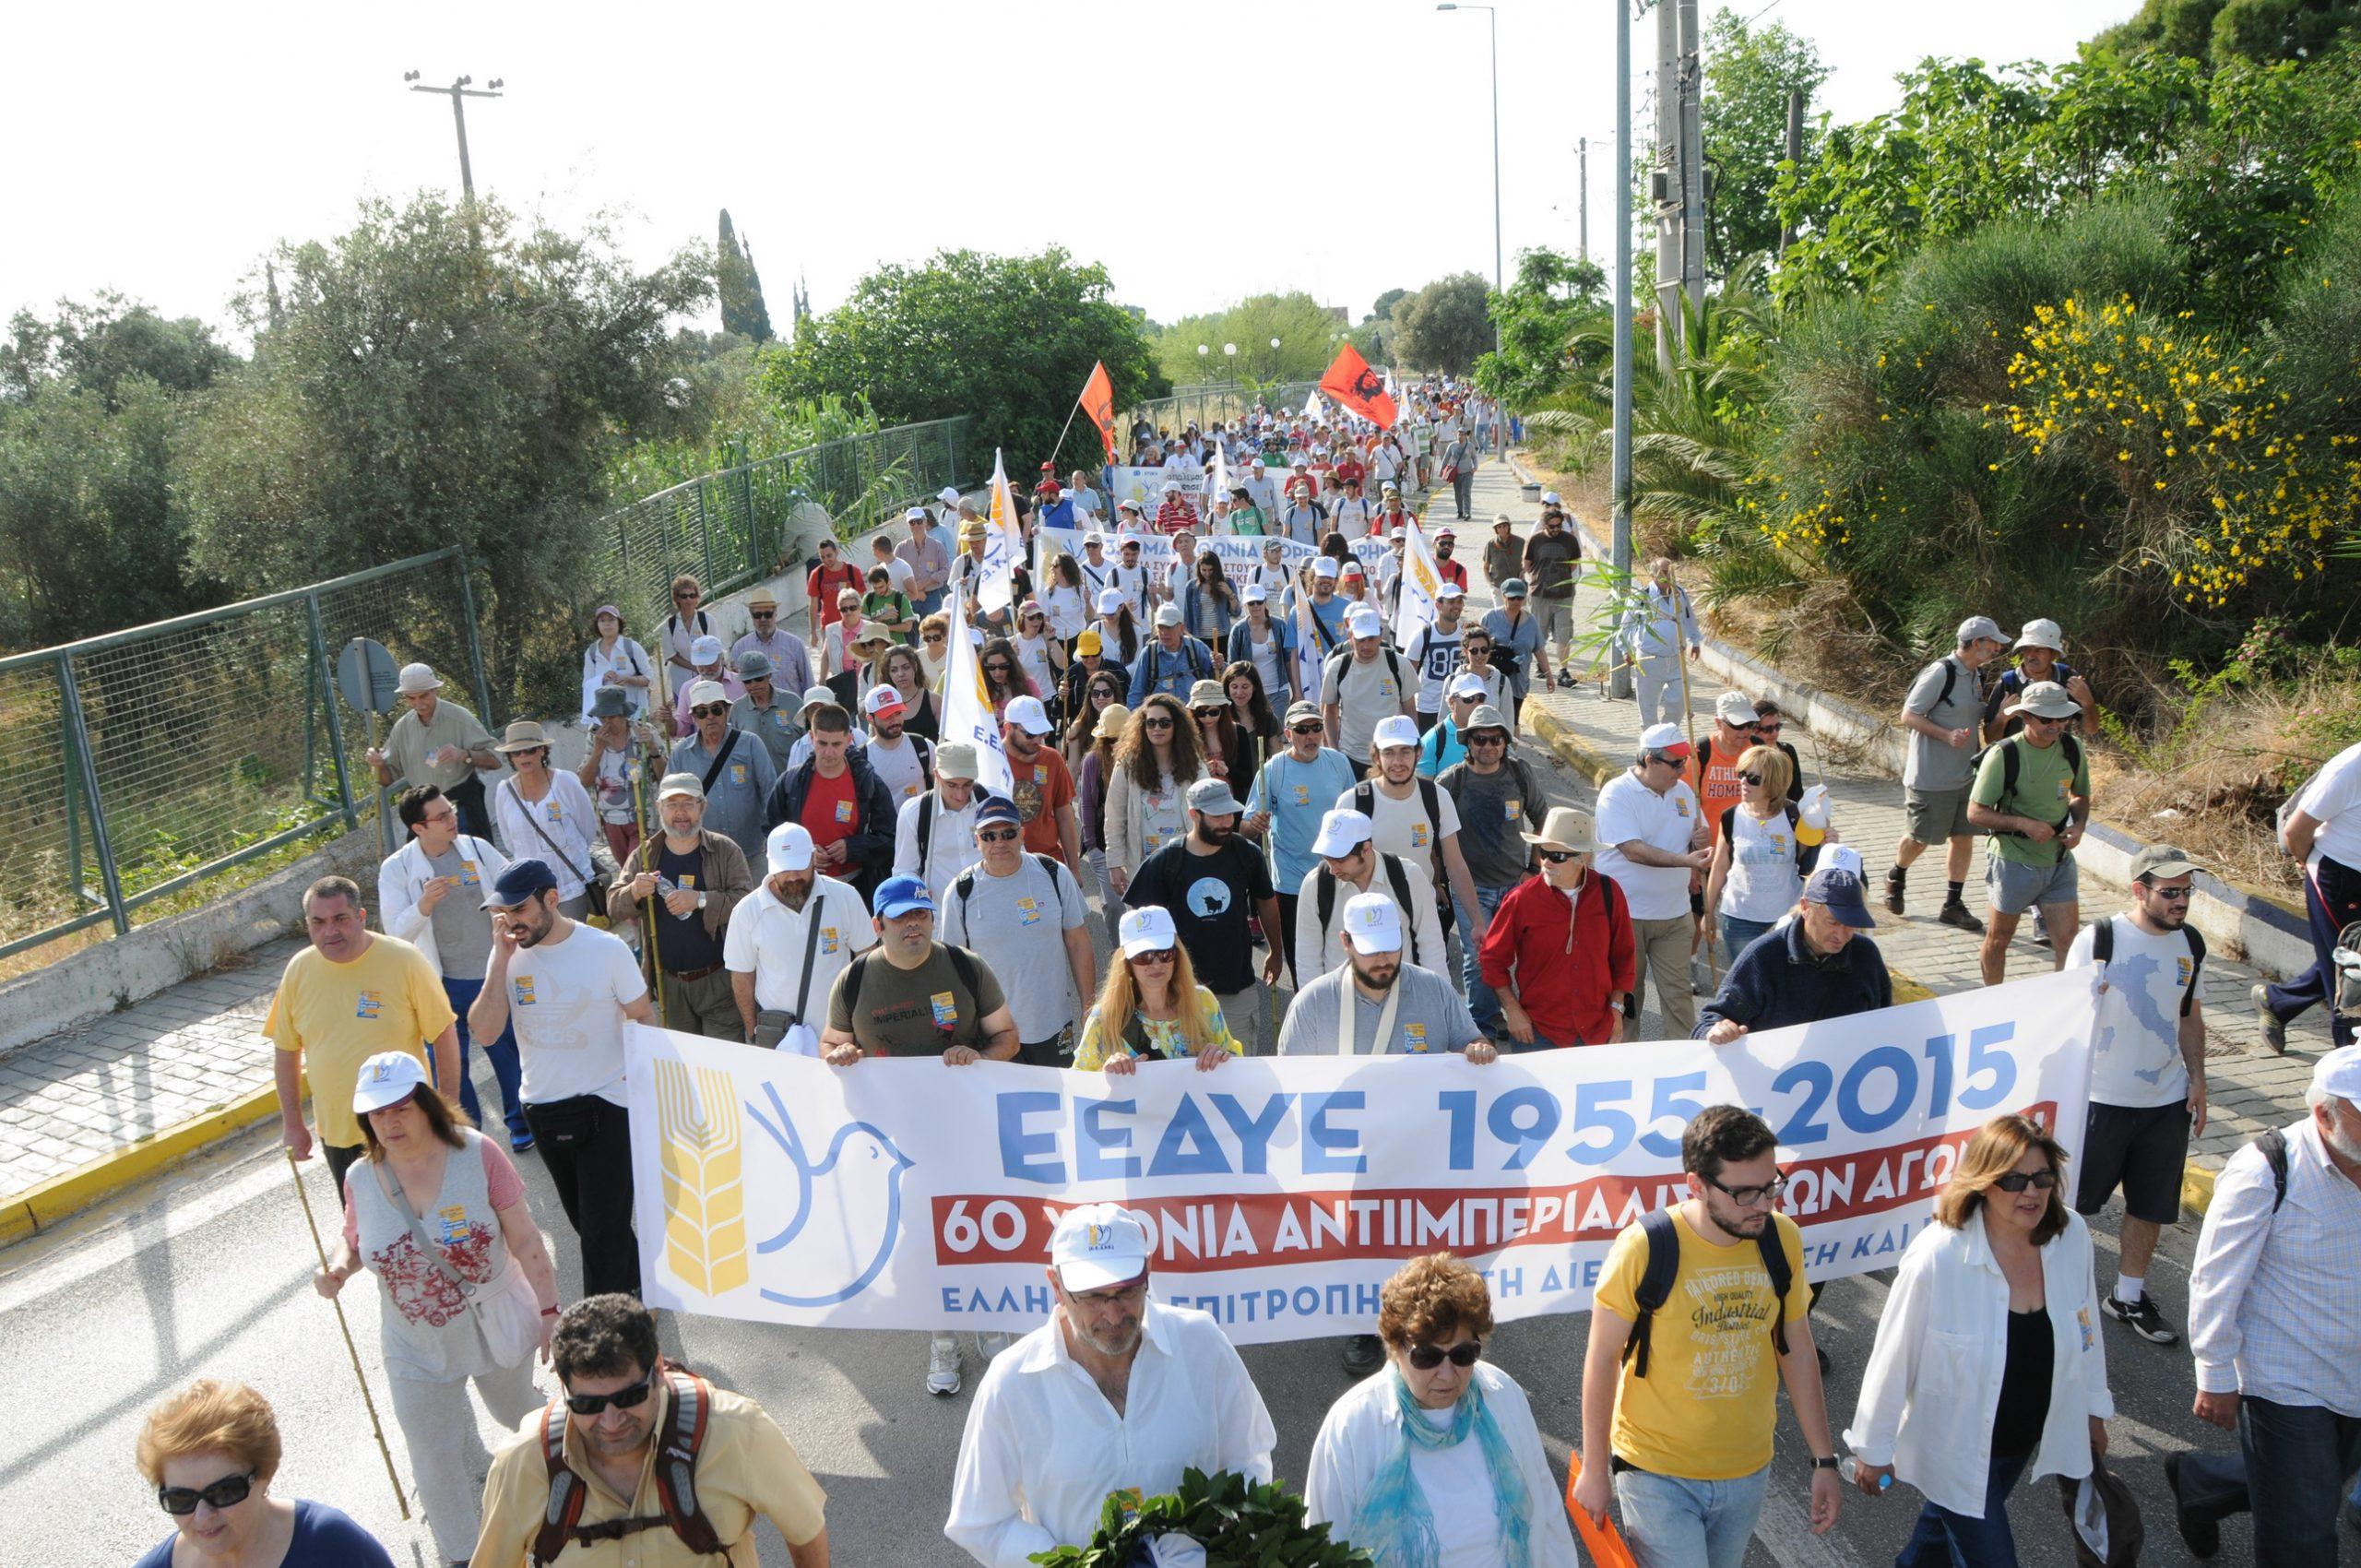 Μαραθώνια Πορεία Ειρήνης 2015